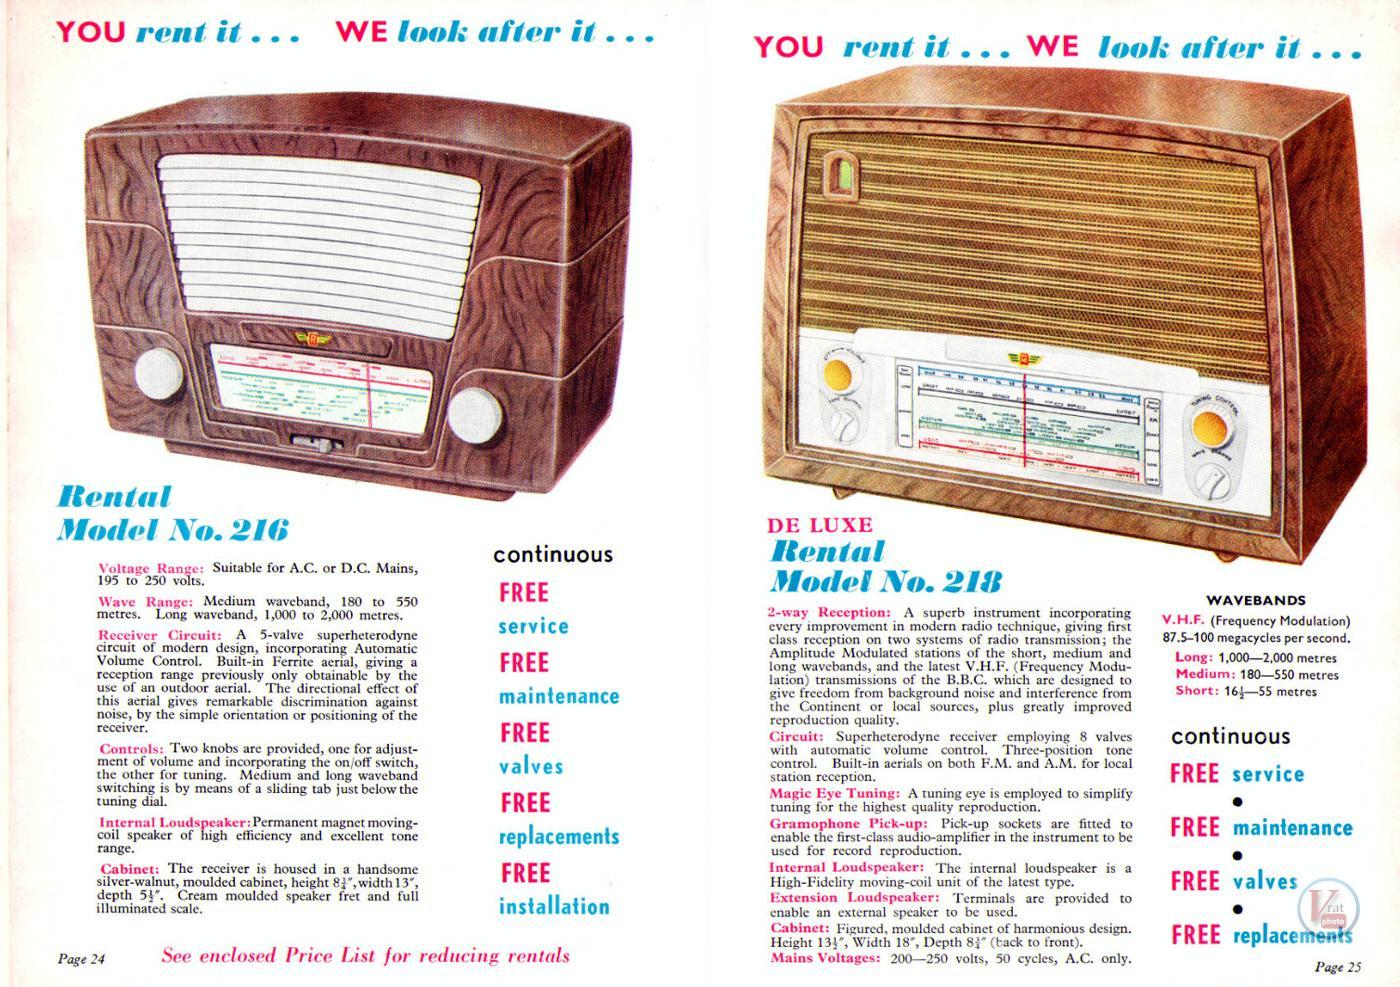 1957 Radio Rentals Catalogue 62